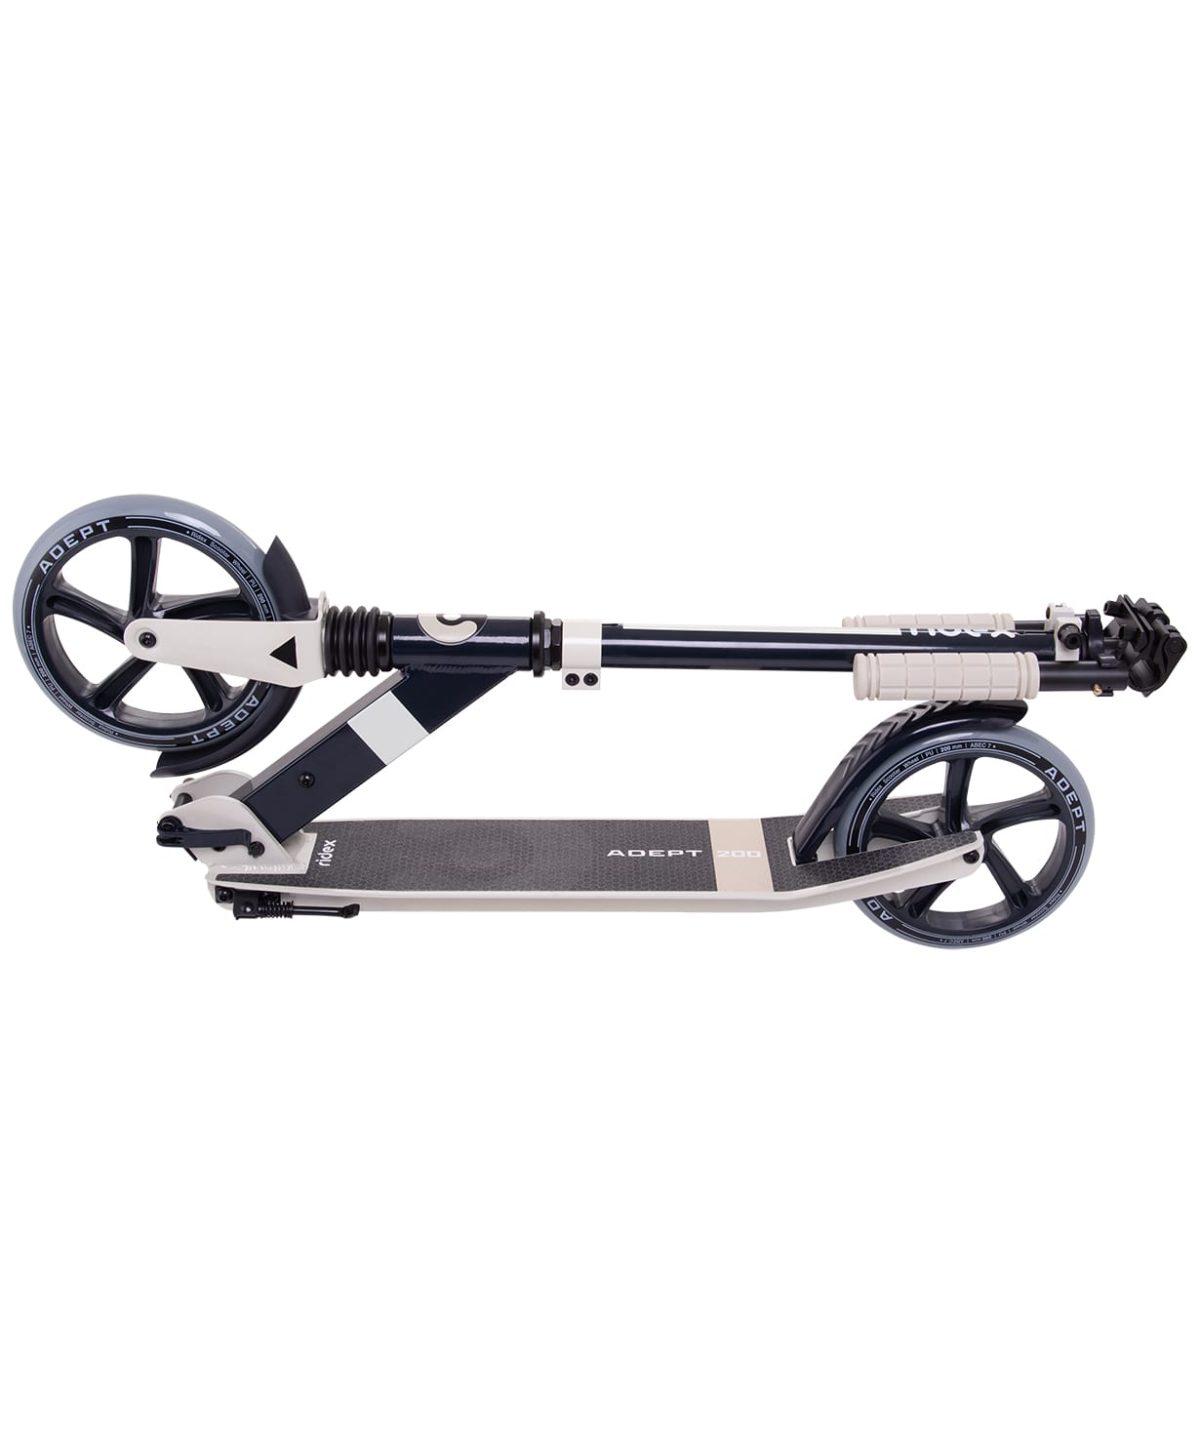 RIDEX Adept Cамокат 2-х колесный 200 мм  Adept: бежевый - 5